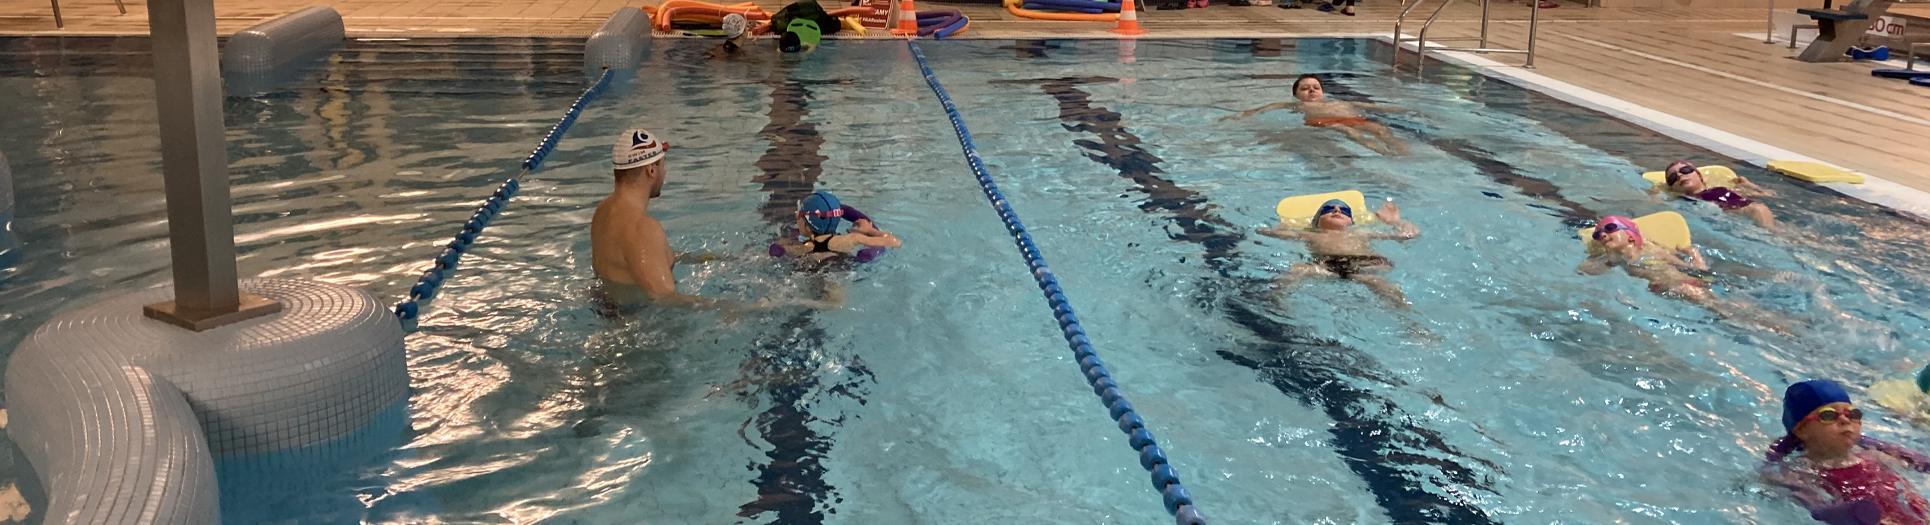 zajęcia pływania grupowe